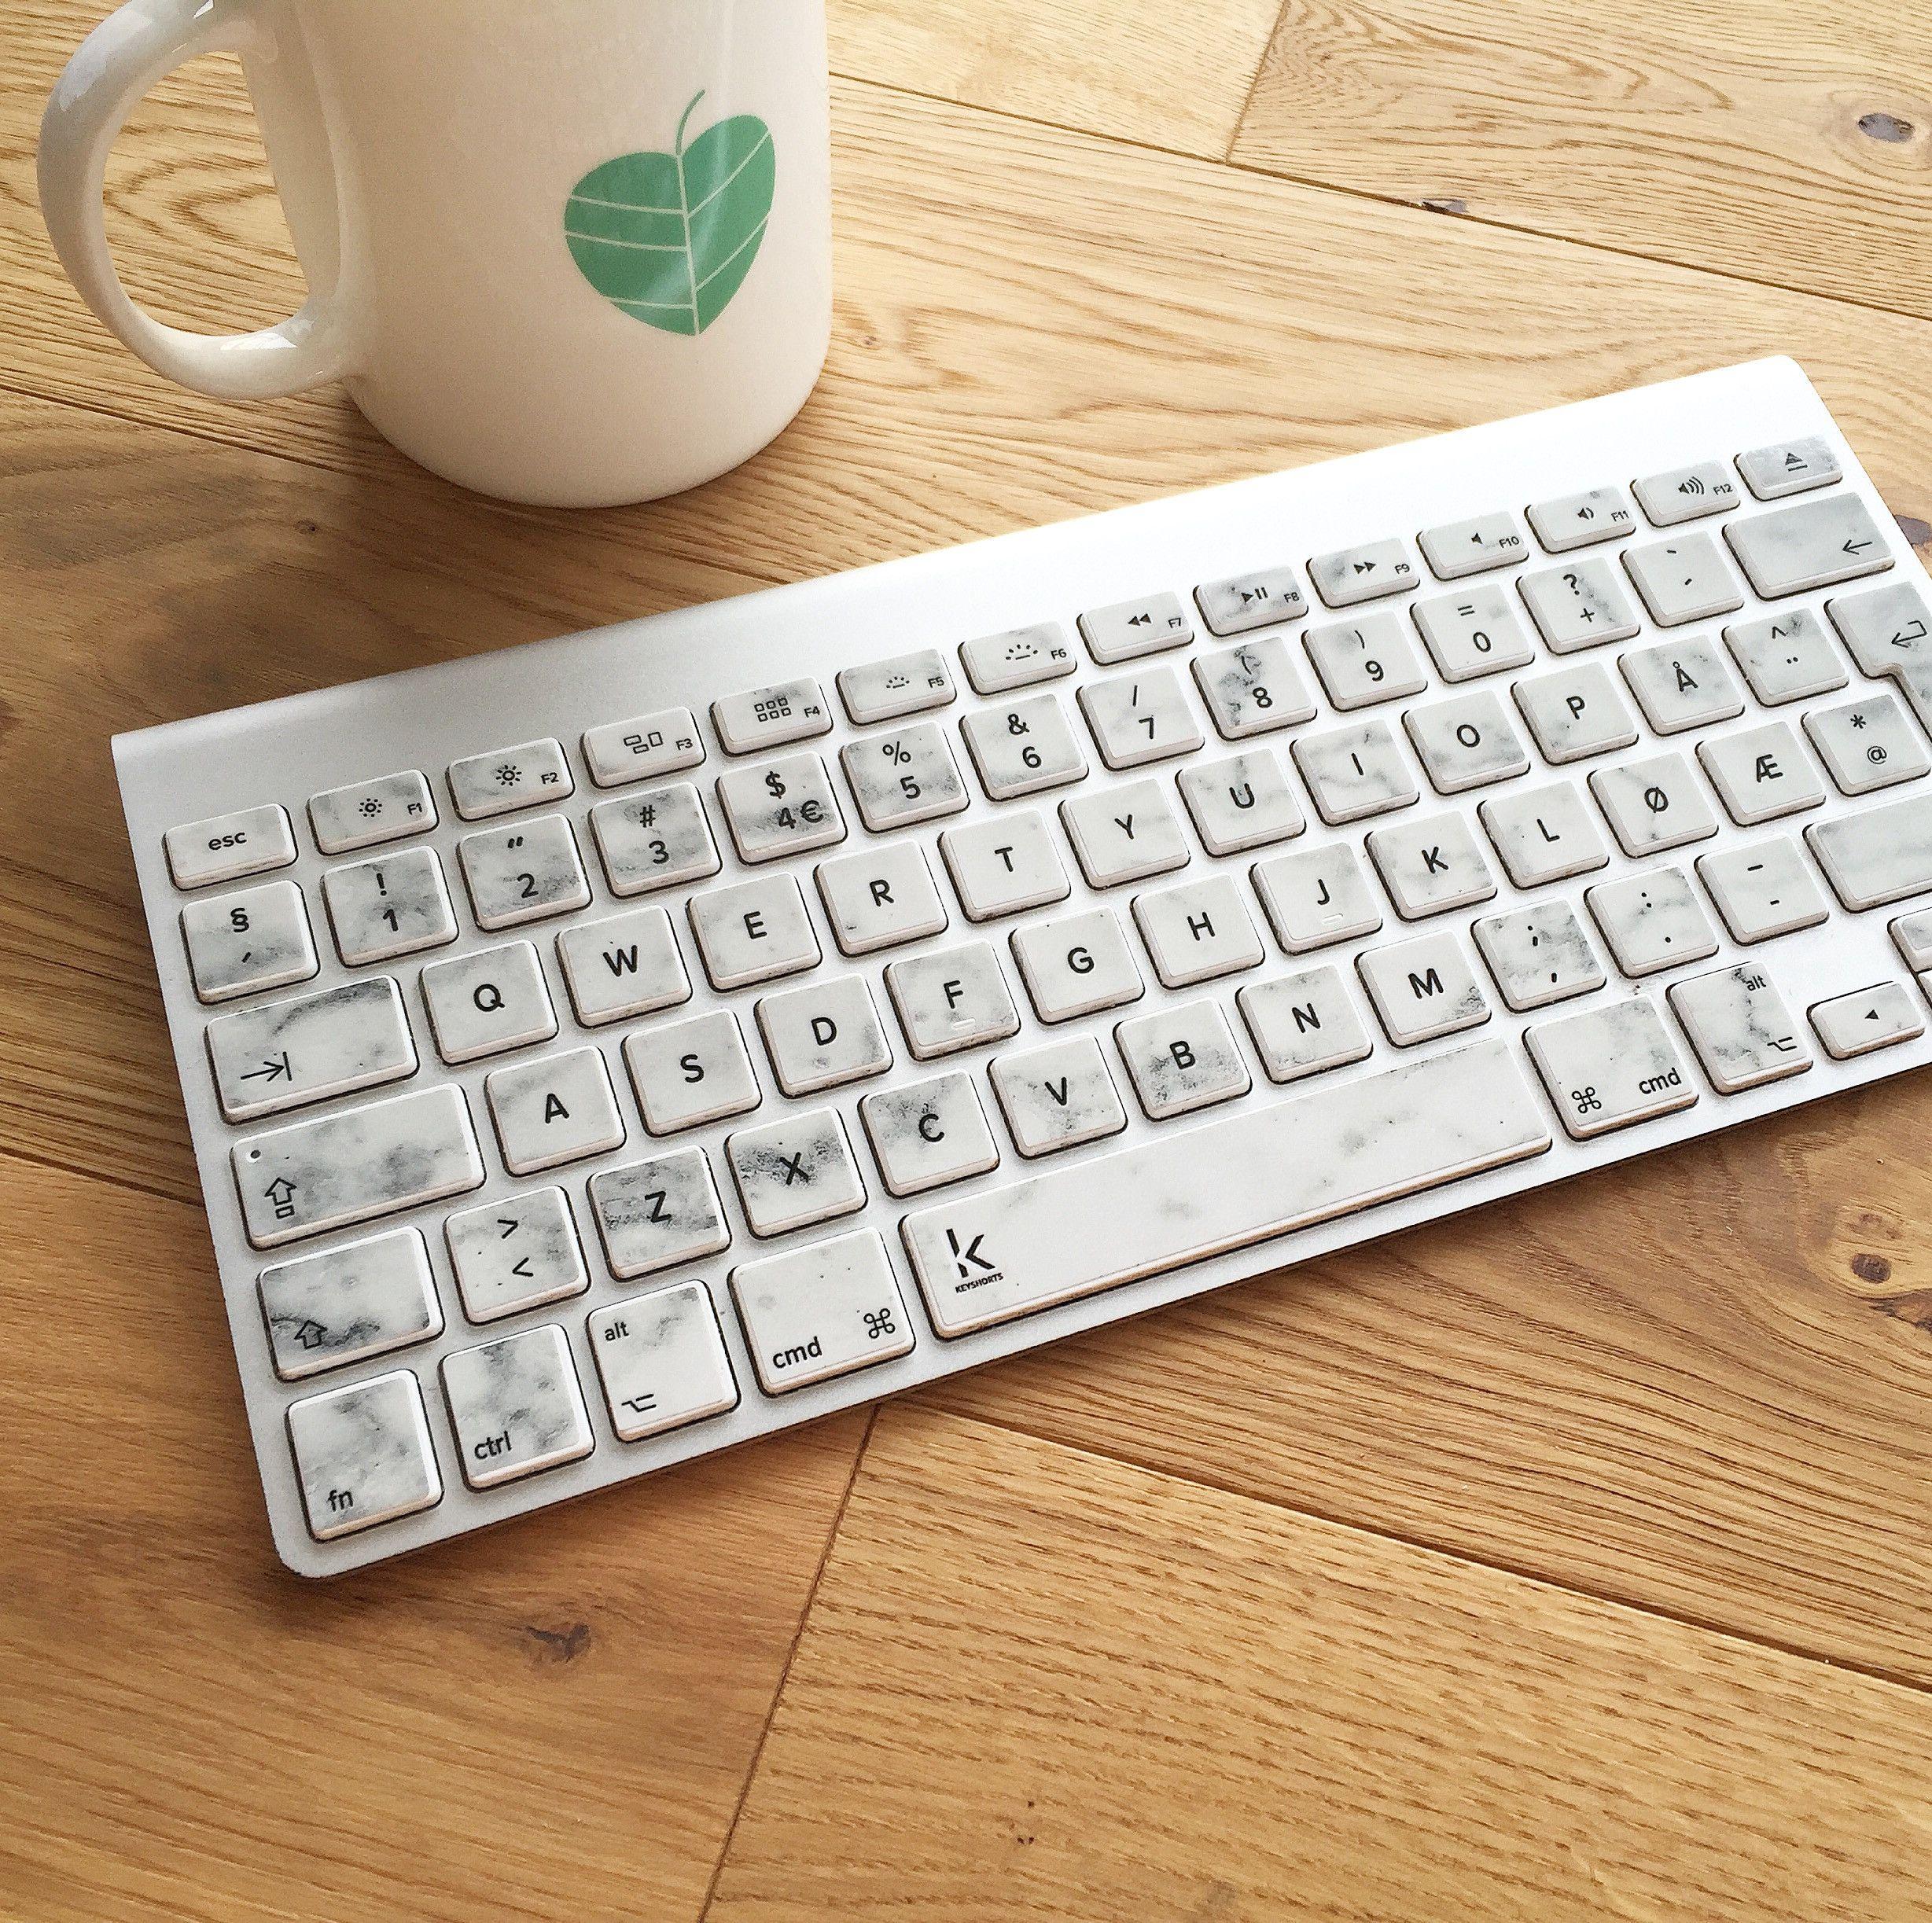 White Marble MacBook Keyboard Decal | Macbook keyboard decal, White ...